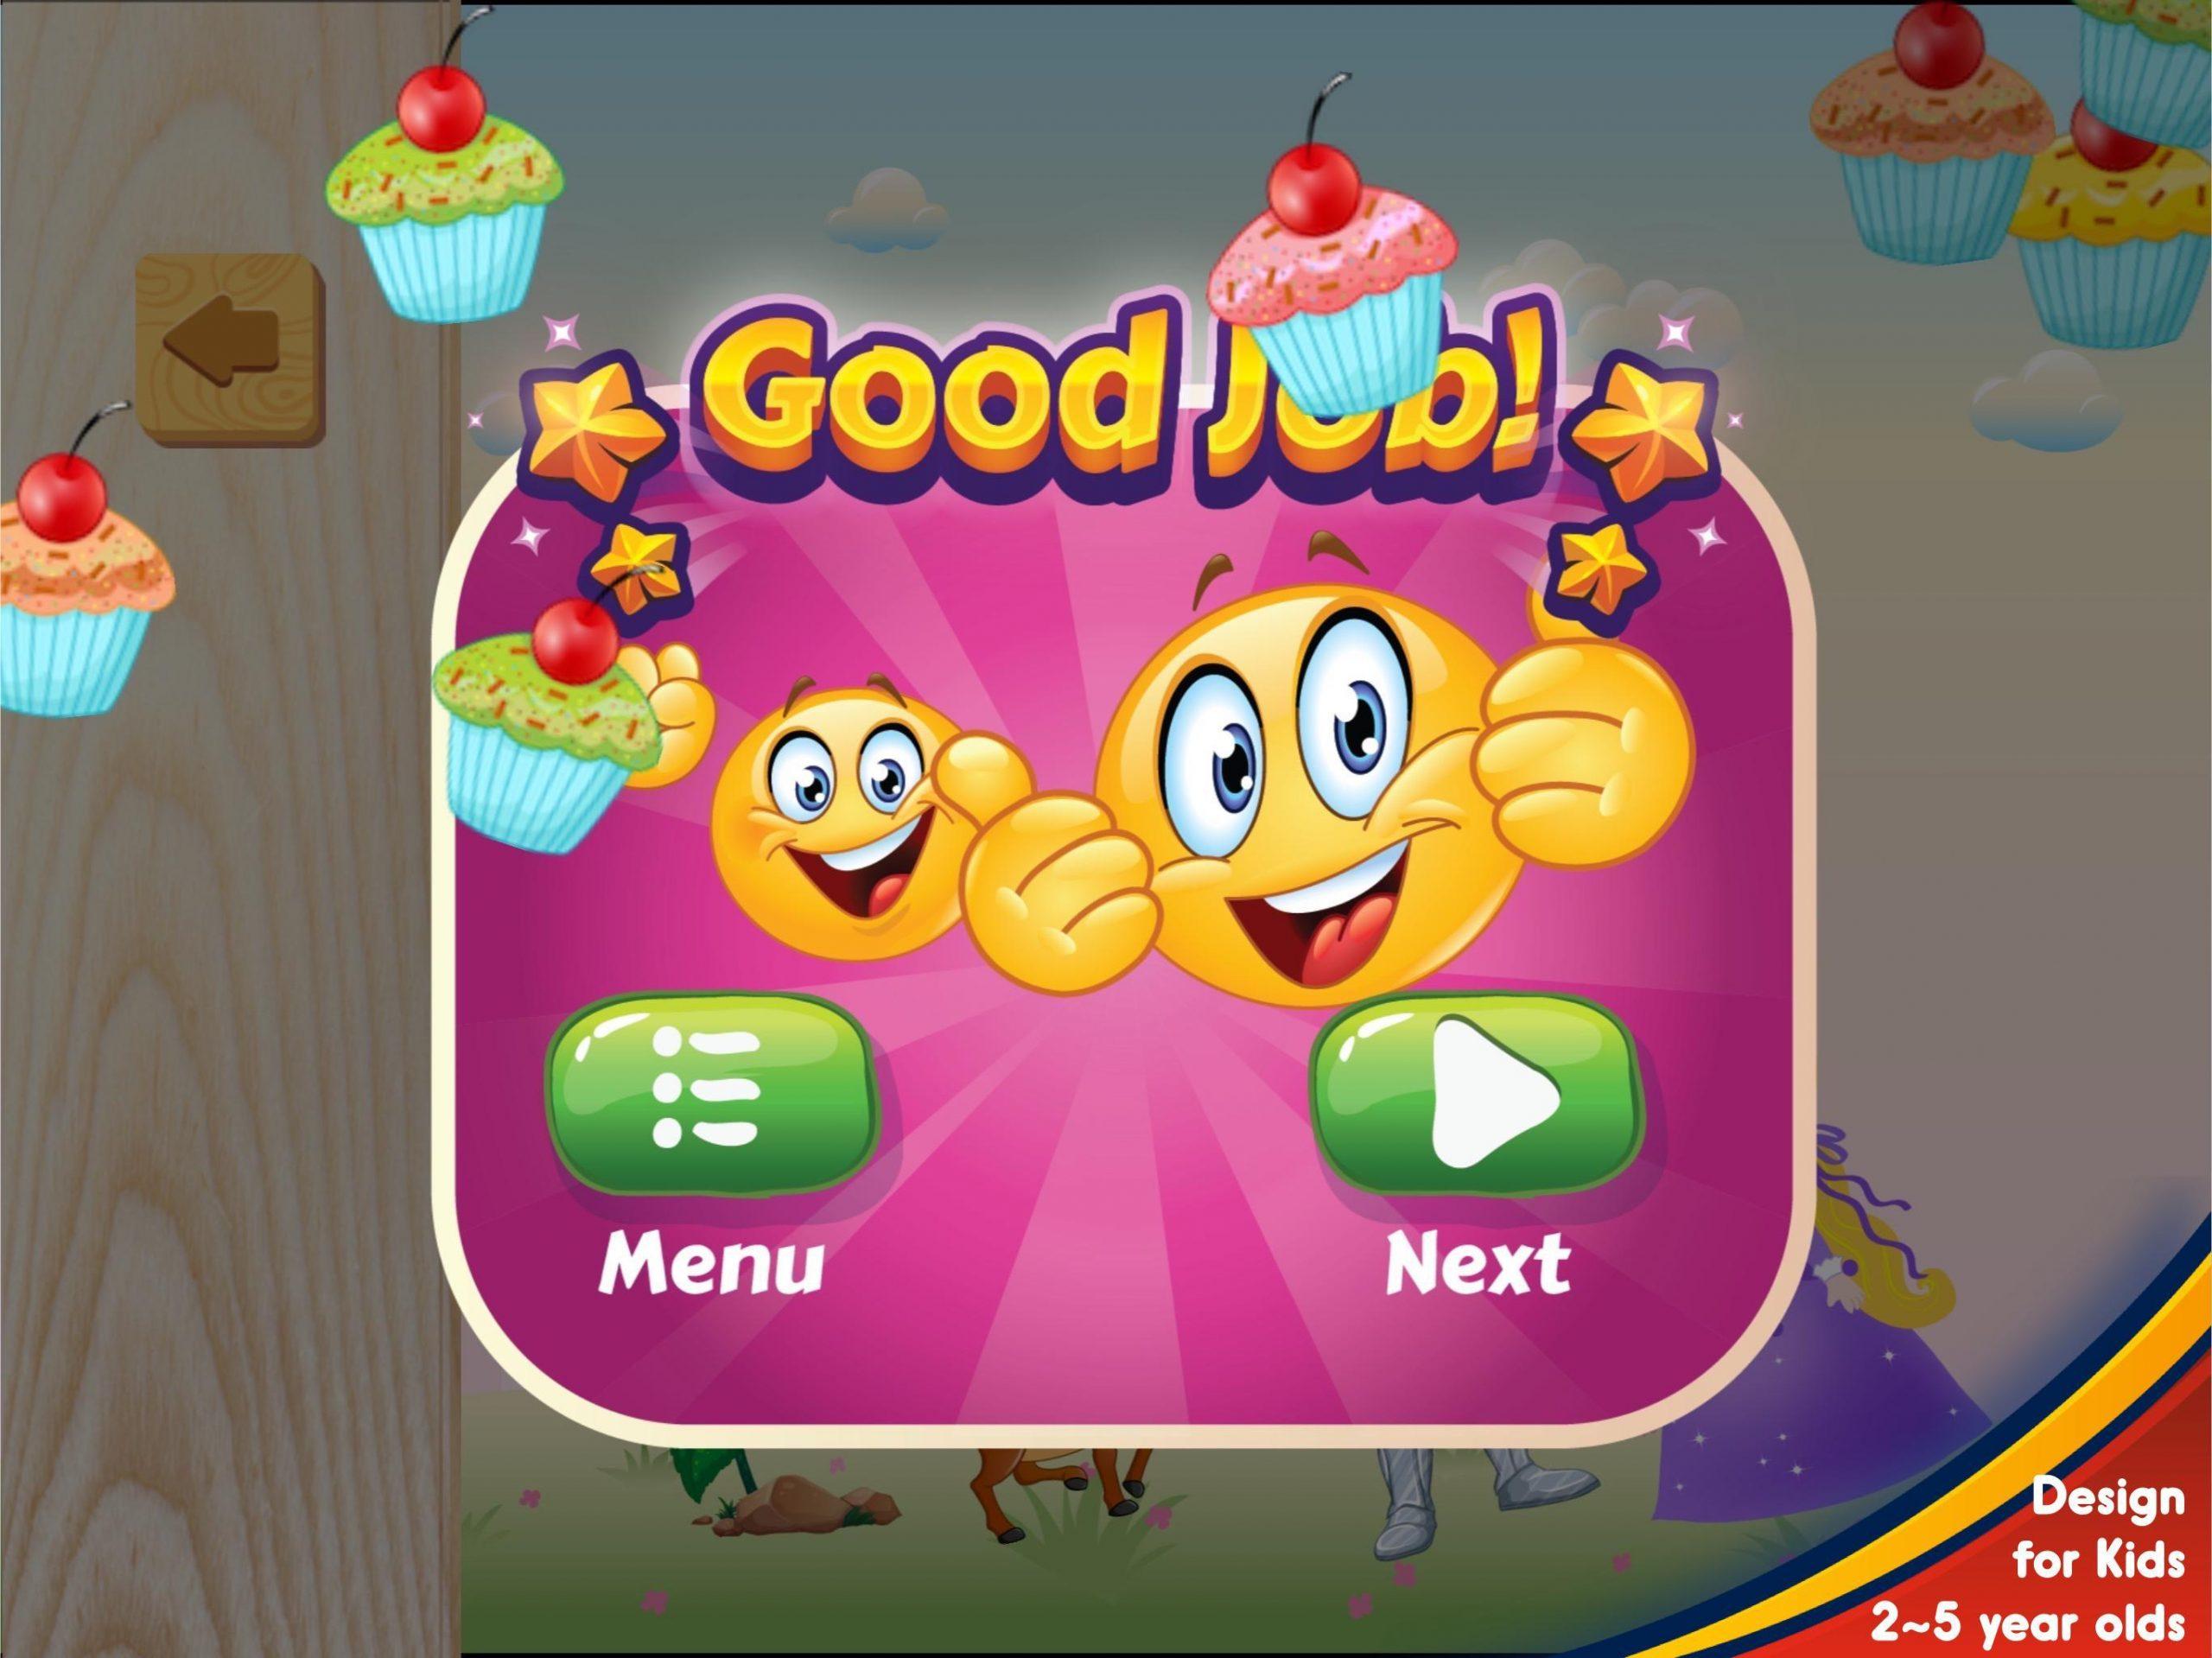 Petite Princesse Puzzle - Jeux De Fille Facile Pour Android dedans Jeux De Fille Puzzle